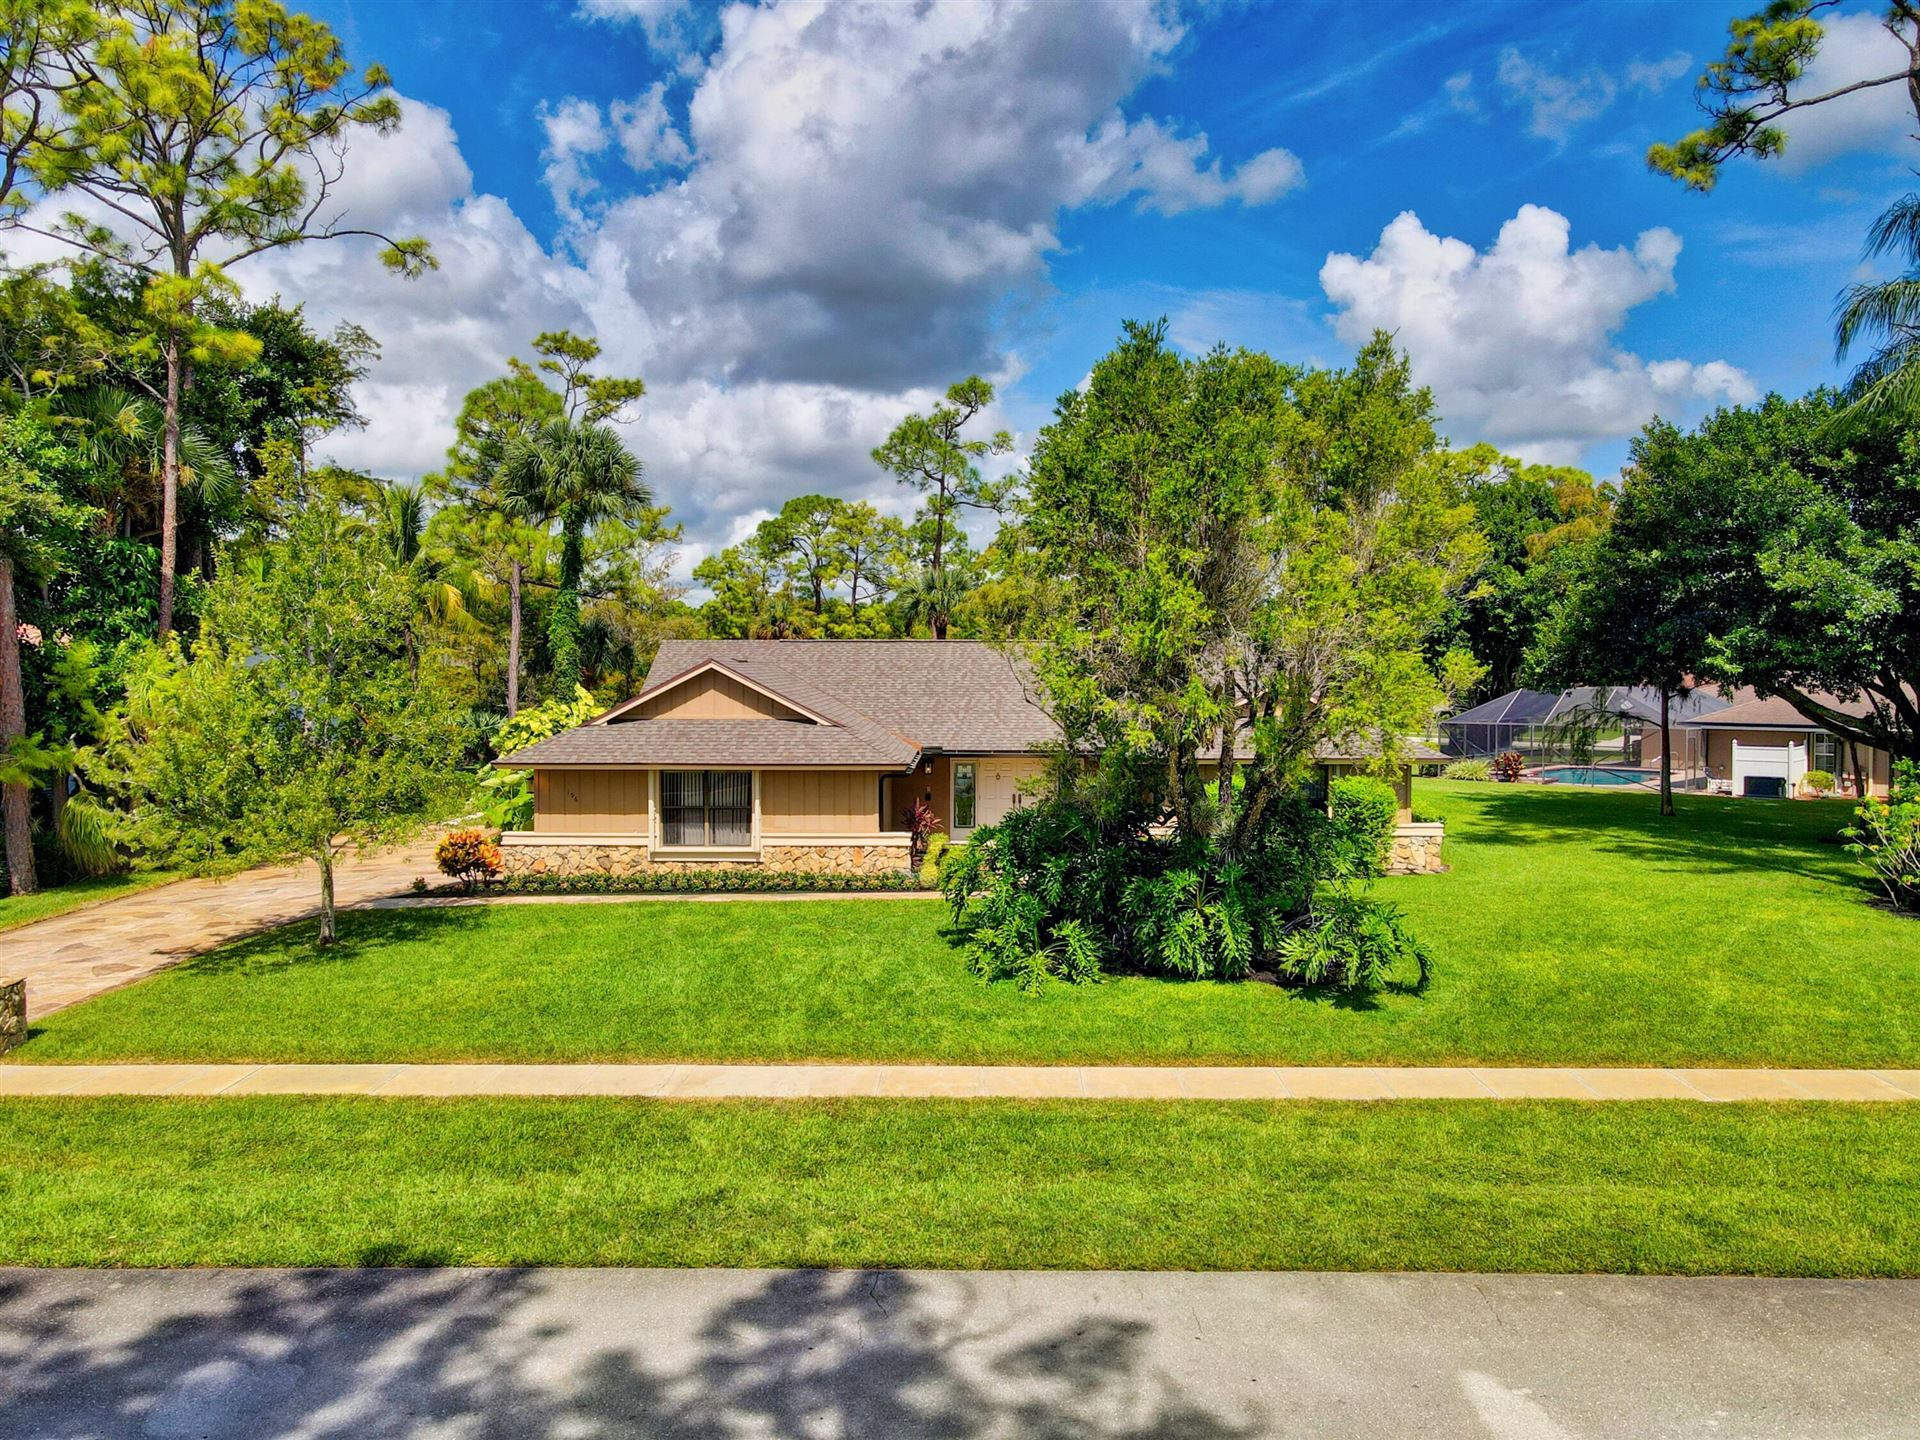 196 Scarborough Ter Terrace, Wellington, FL 33414 - MLS#: RX-10745991